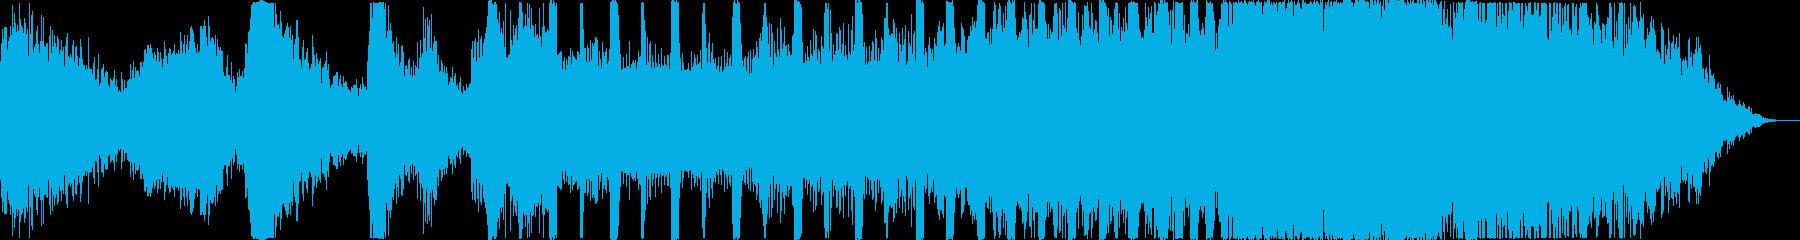 重厚な扉を開くBGMの再生済みの波形